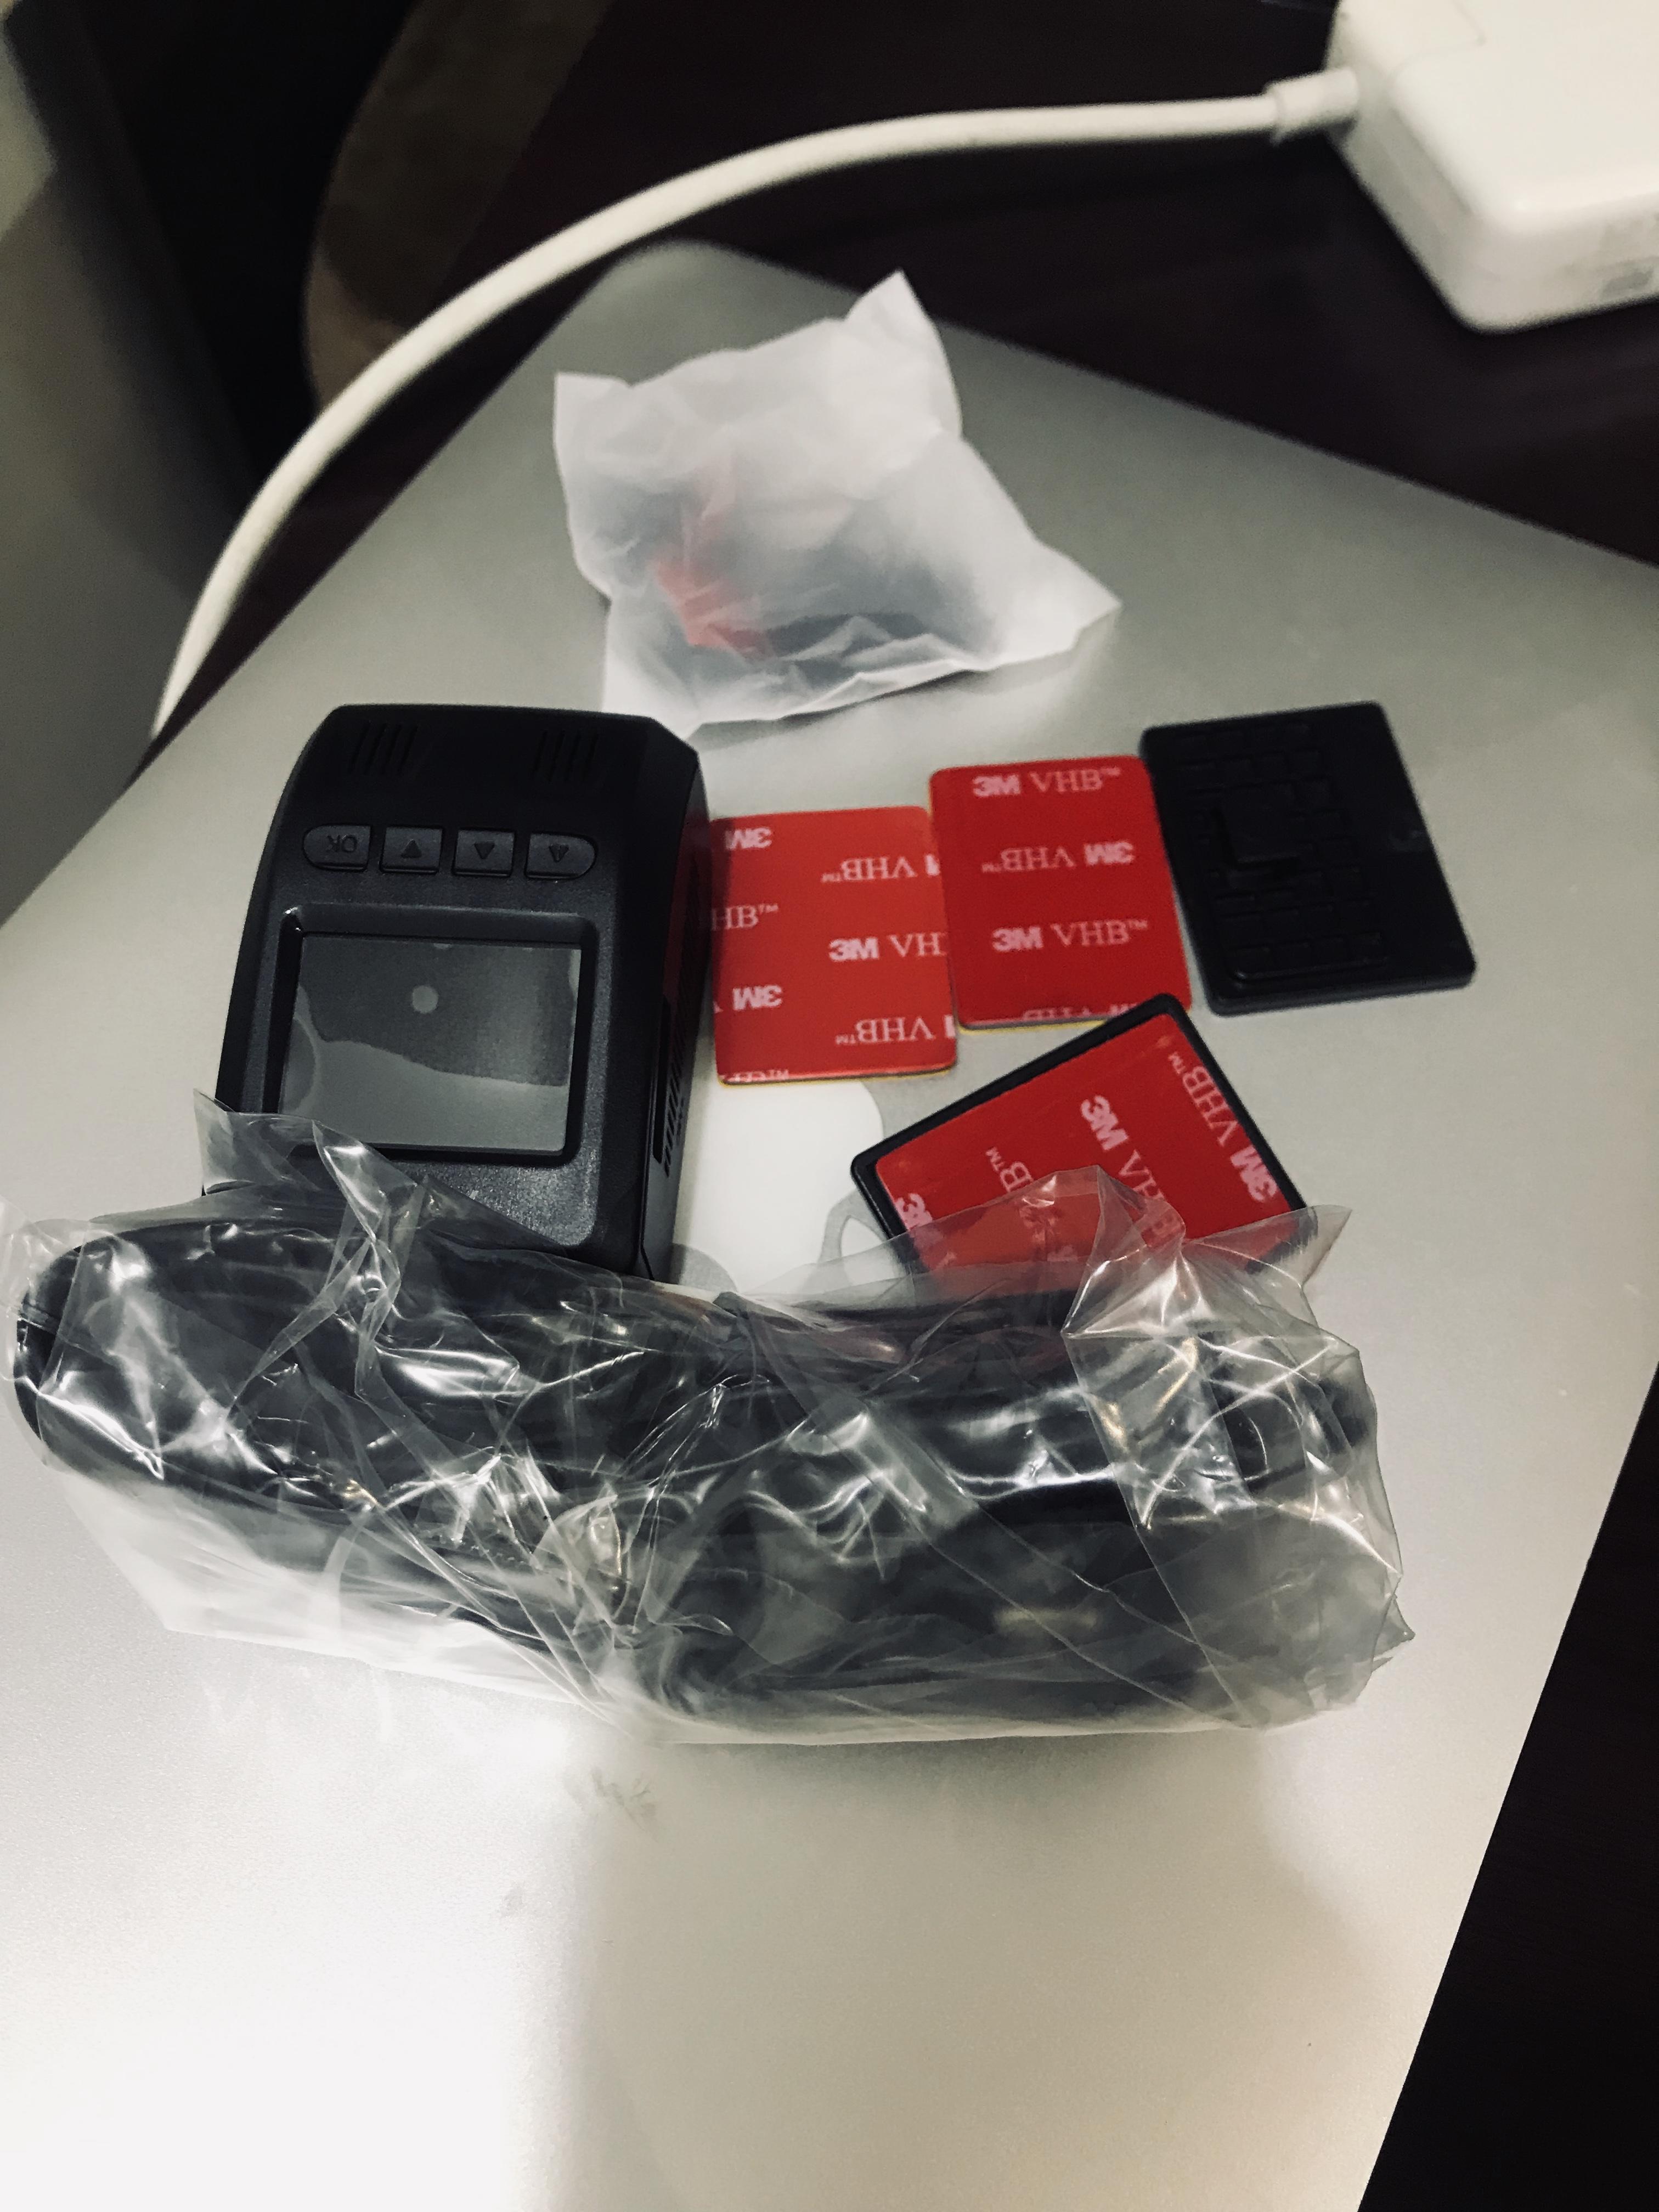 تجربة شراء كاميرة لتسجيل حوادث السيارات من موقع أمازون Amazon4